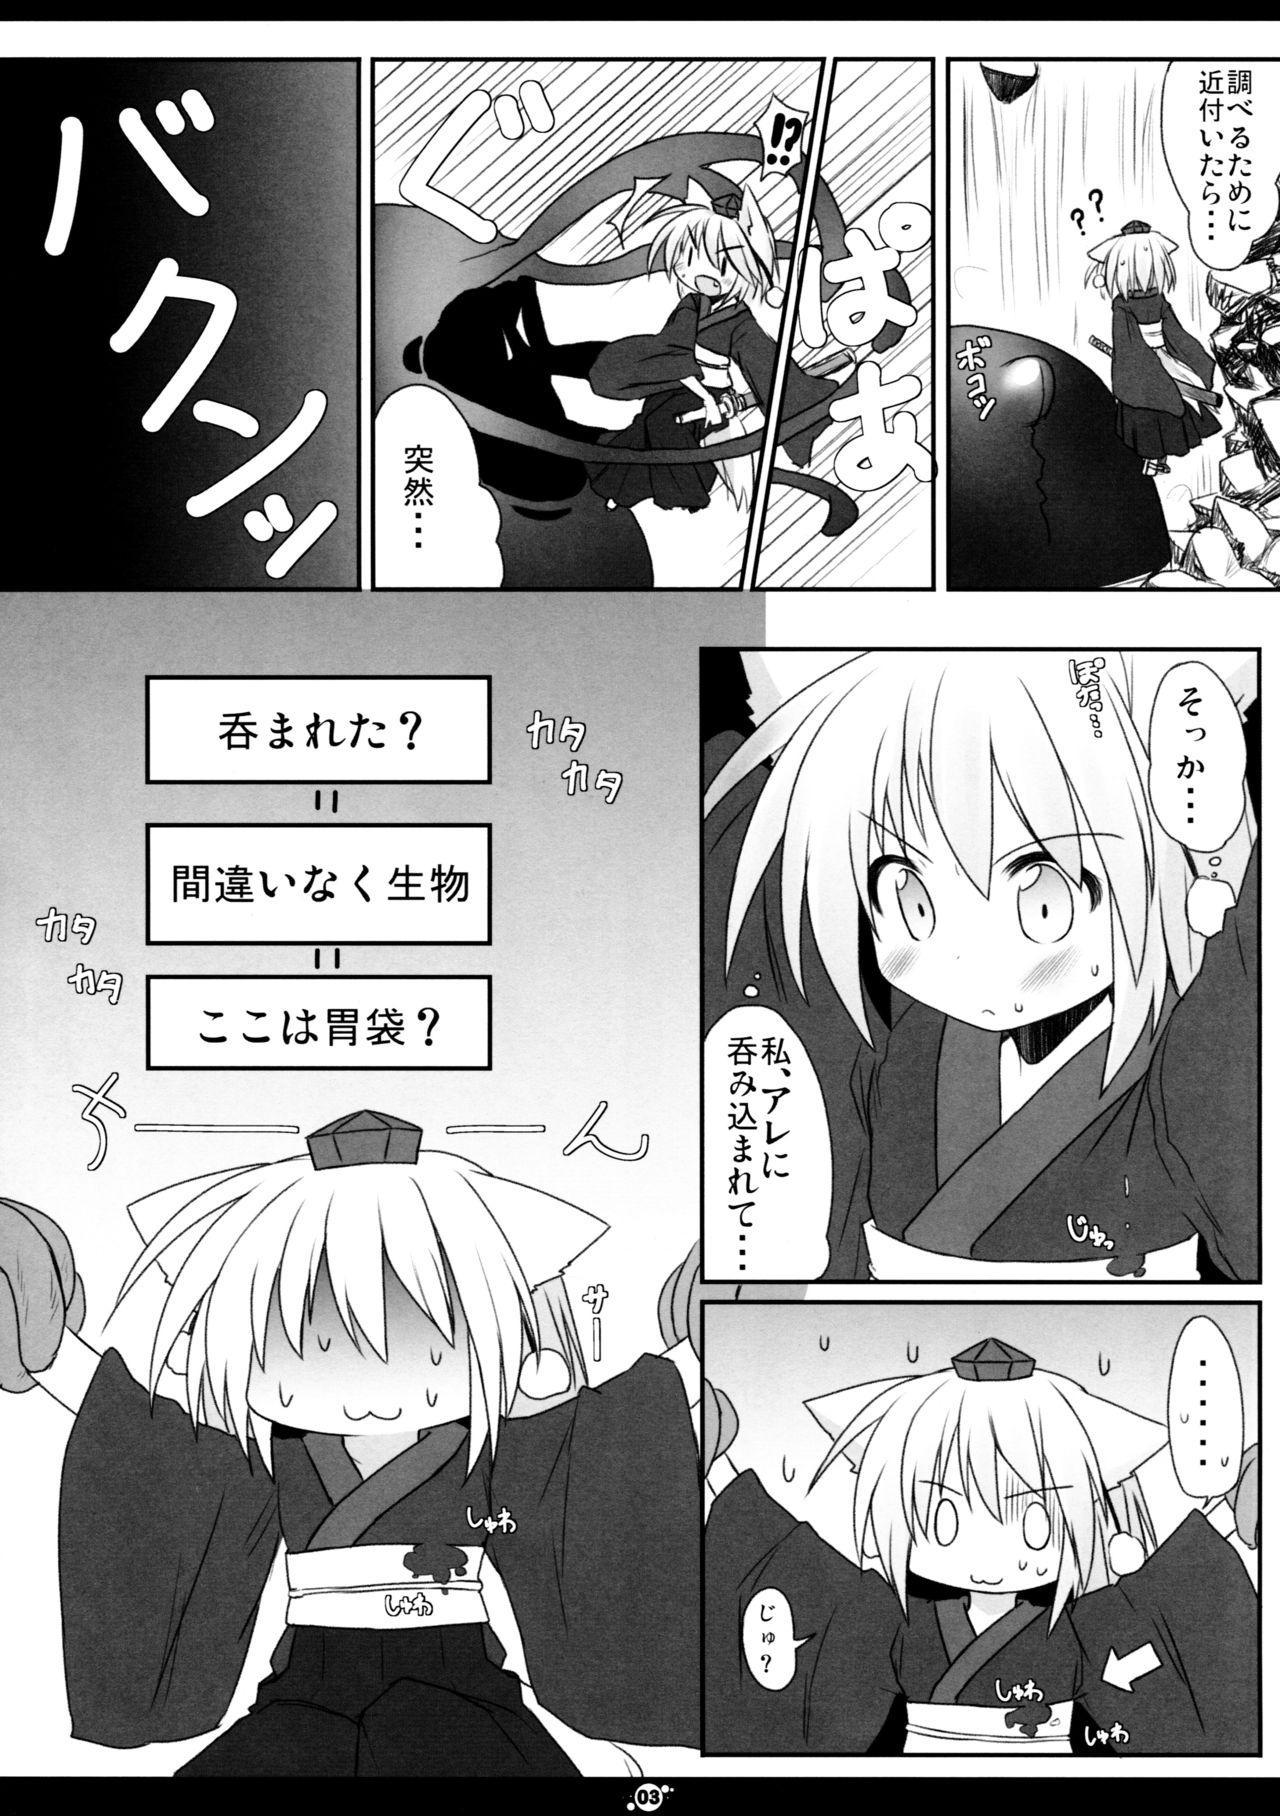 (Reitaisai 8) [Hoshidokei (Hiyoko.)] Shokushu-san to Tengu-san (Touhou Project) 4